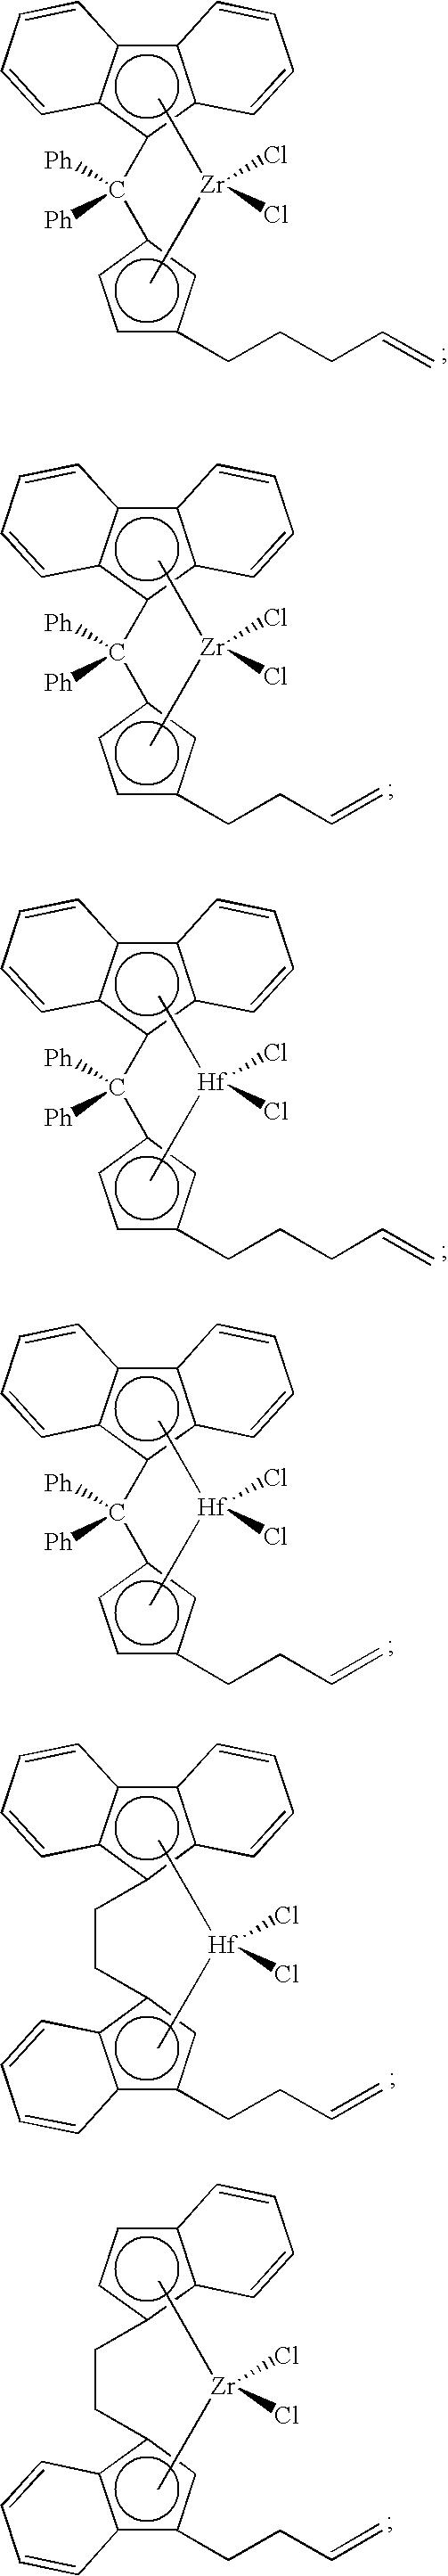 Figure US07884163-20110208-C00003